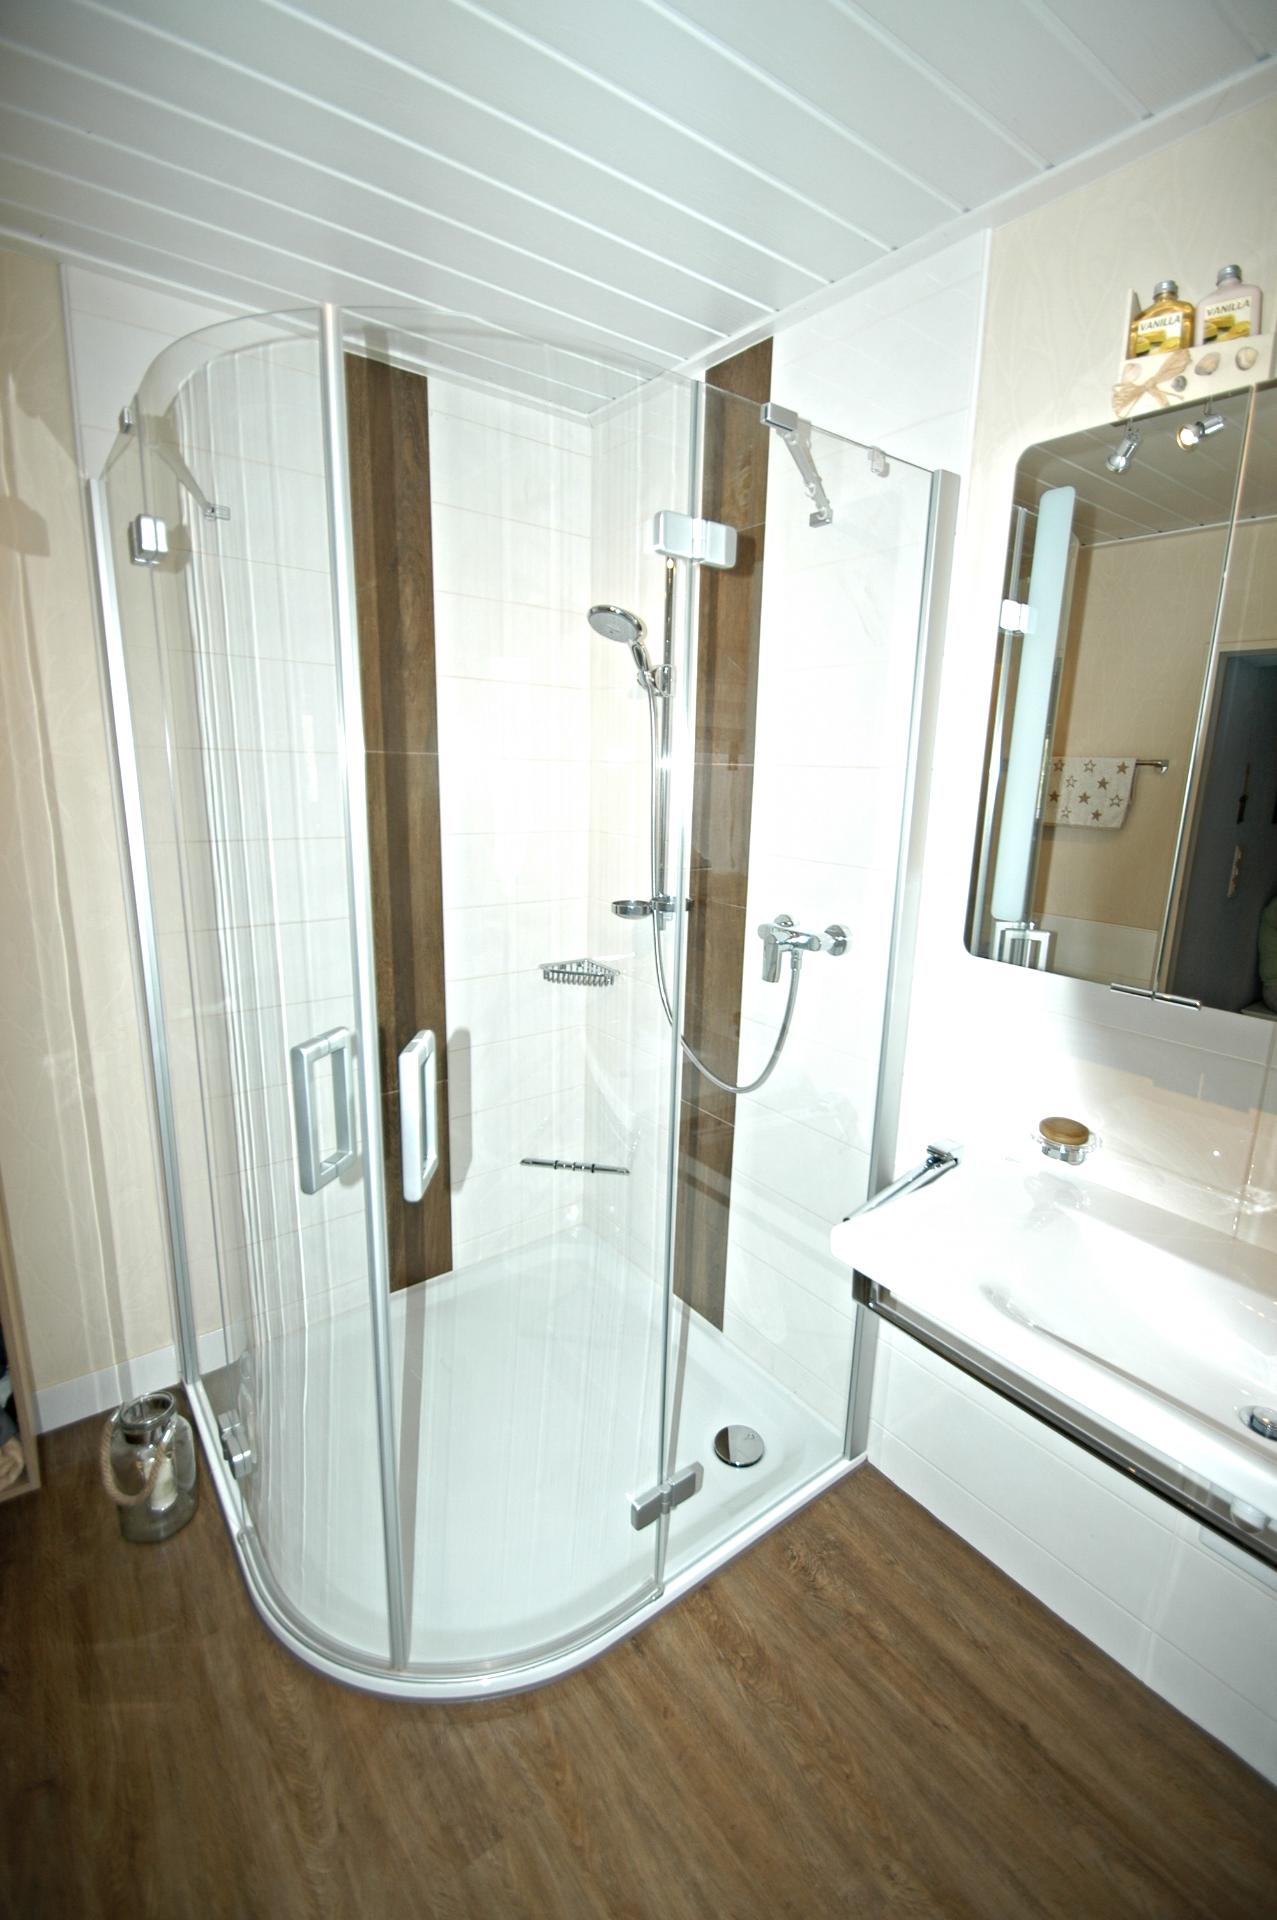 reichlich Platz zum Duschen